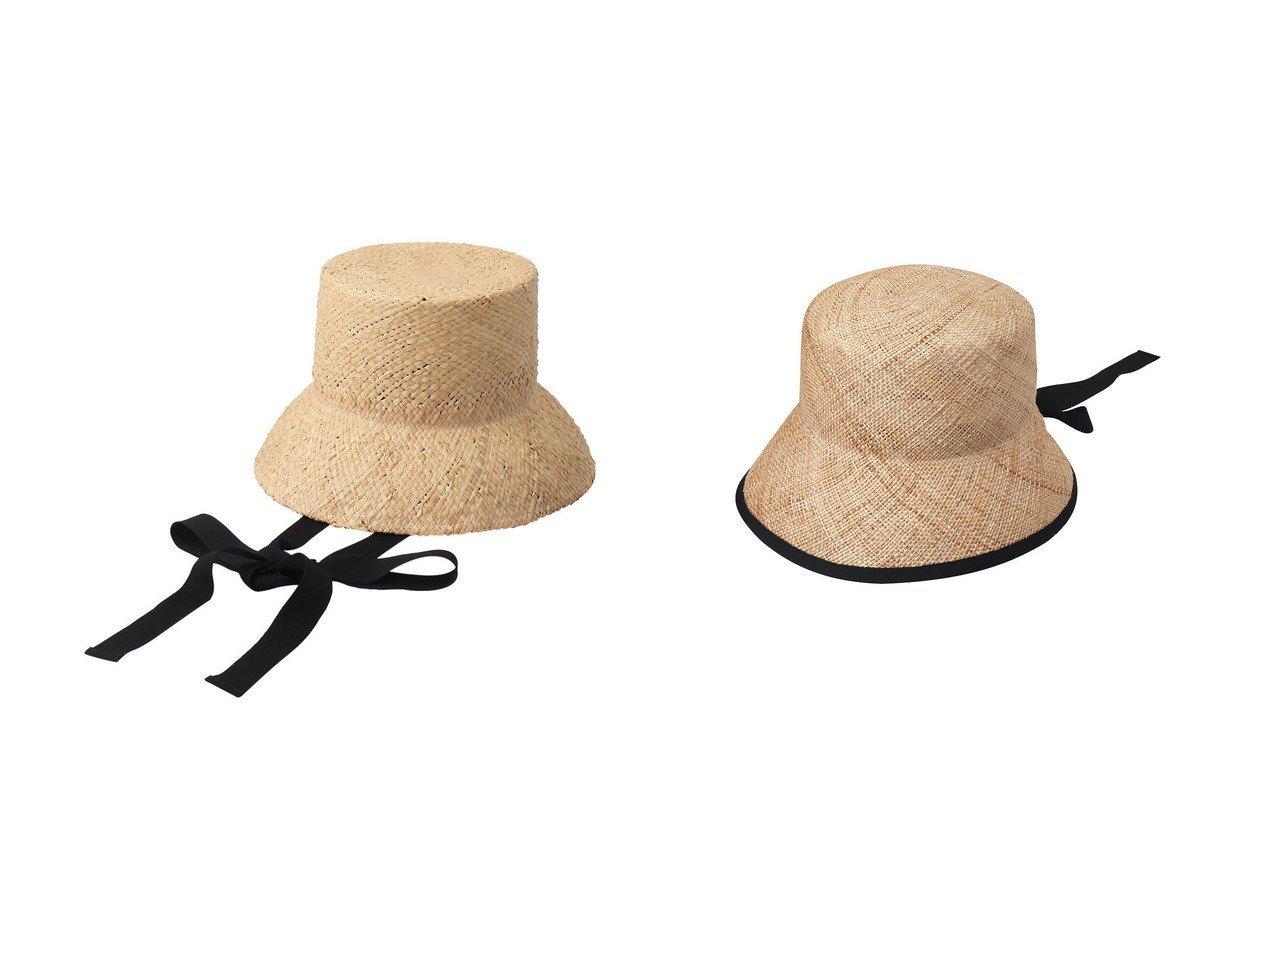 【La Maison de Lyllis/ラ メゾン ド リリス】のKURA クロッシェハット&【nagonstans/ナゴンスタンス】の変形ハット おすすめ!人気、トレンド・レディースファッションの通販 おすすめで人気の流行・トレンド、ファッションの通販商品 インテリア・家具・メンズファッション・キッズファッション・レディースファッション・服の通販 founy(ファニー) https://founy.com/ ファッション Fashion レディースファッション WOMEN S/S・春夏 SS・Spring/Summer おすすめ Recommend フォルム ラフィア リゾート リボン 再入荷 Restock/Back in Stock/Re Arrival 春 Spring |ID:crp329100000040400